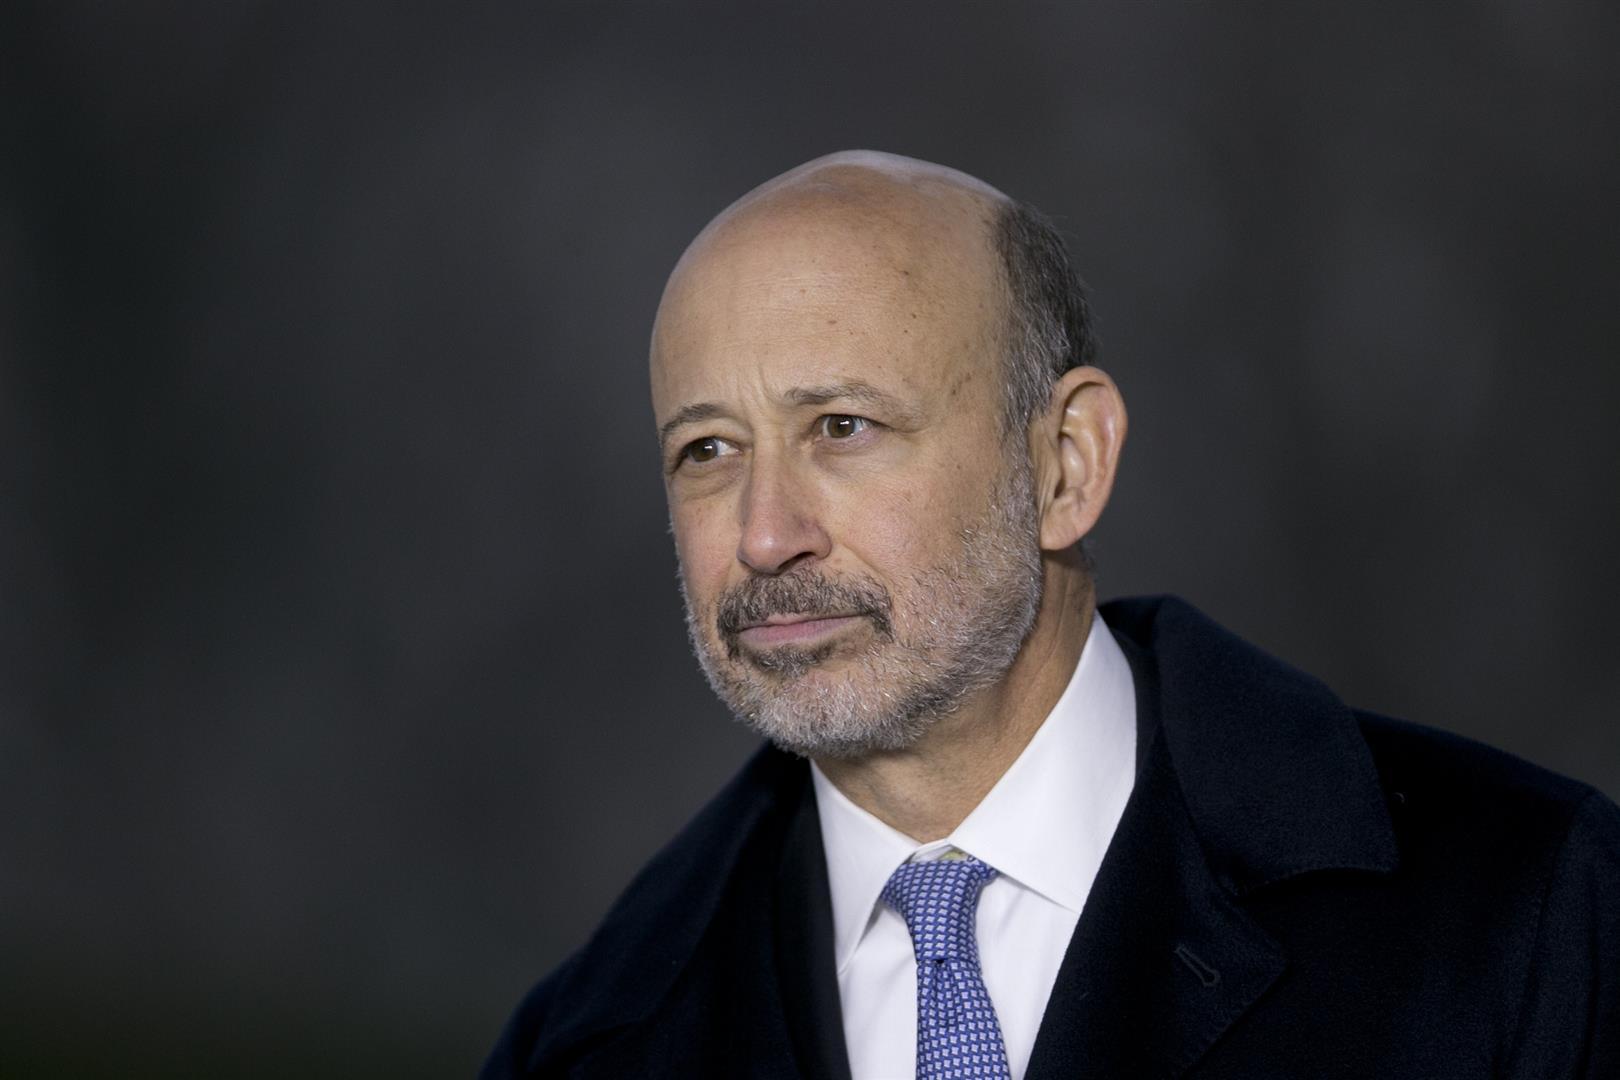 1954 Jude Lloyd C. Blankfein. Amerikanischer Bankmanager. Chef der Bank Goldman Sachs. Milliardär.